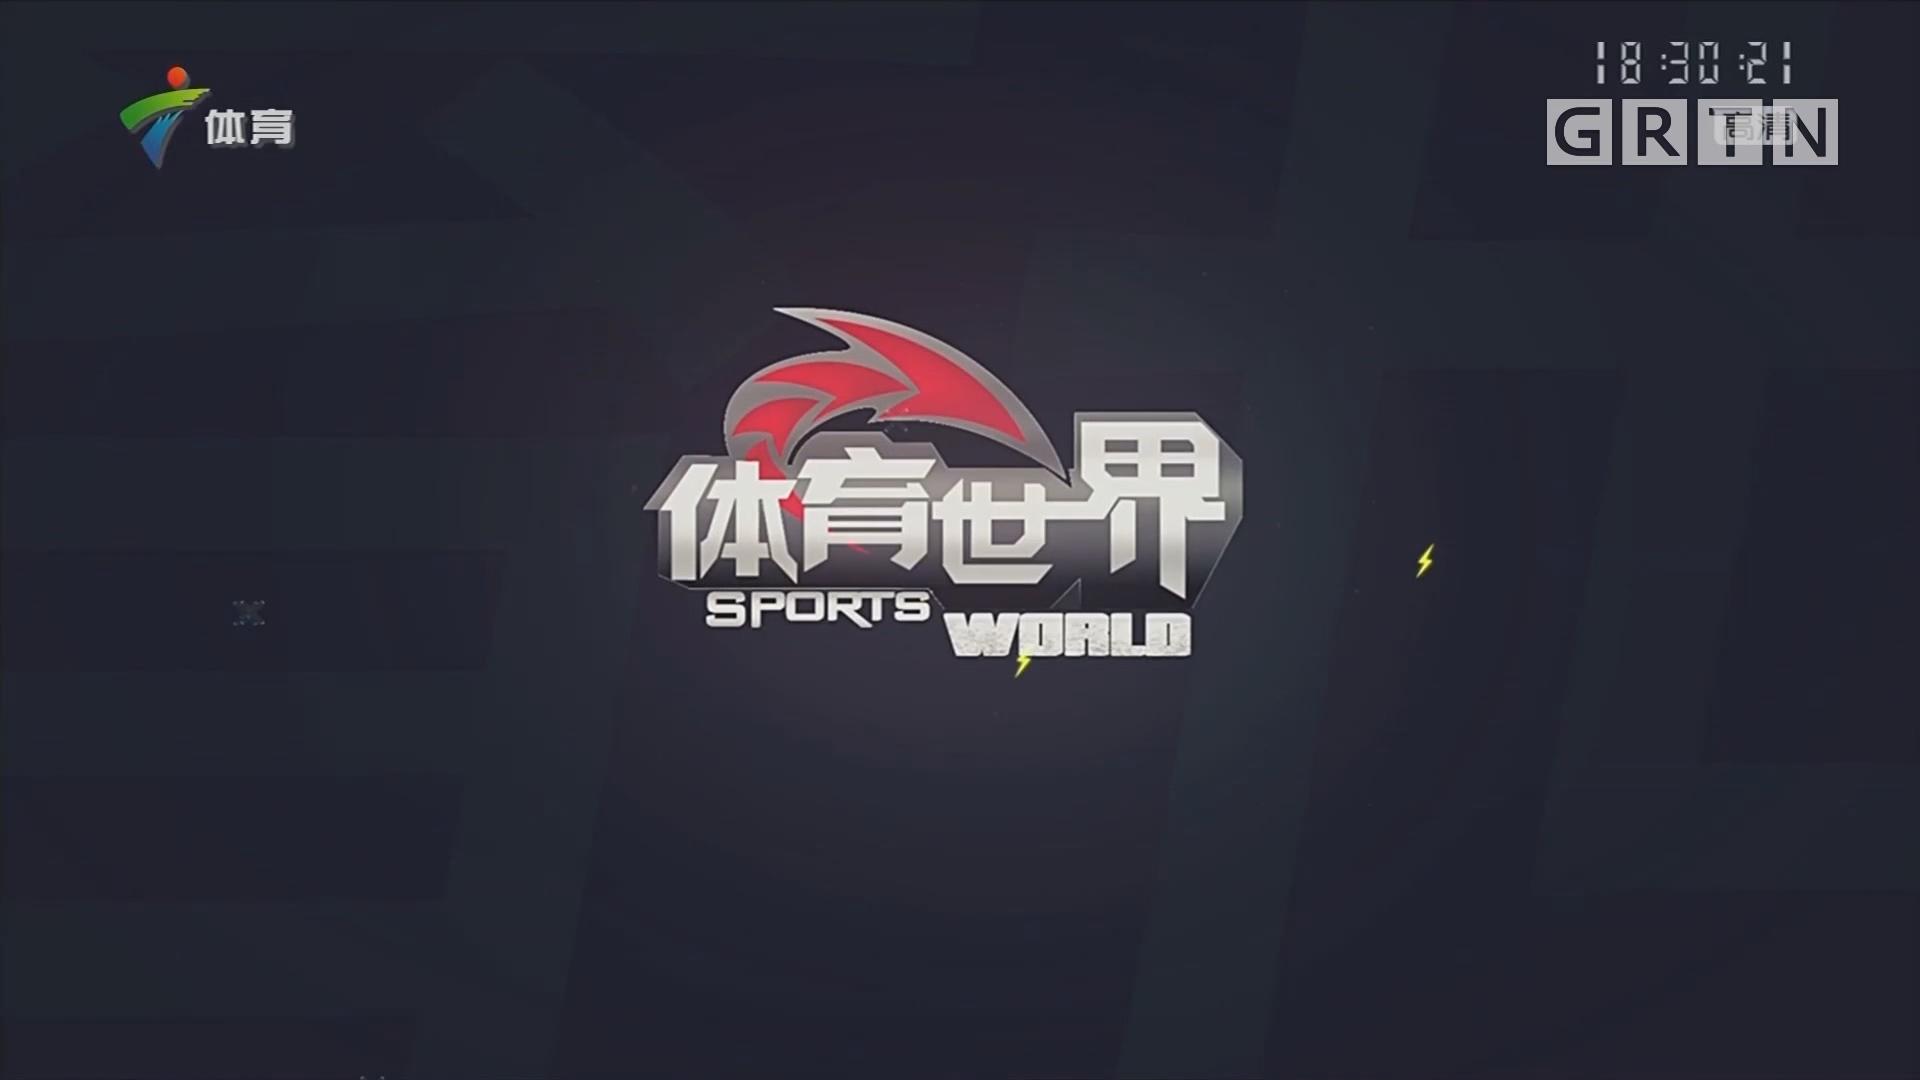 """[HD][2019-05-25]体育世界:""""广播电视网络杯""""东莞城市赛火热开赛"""